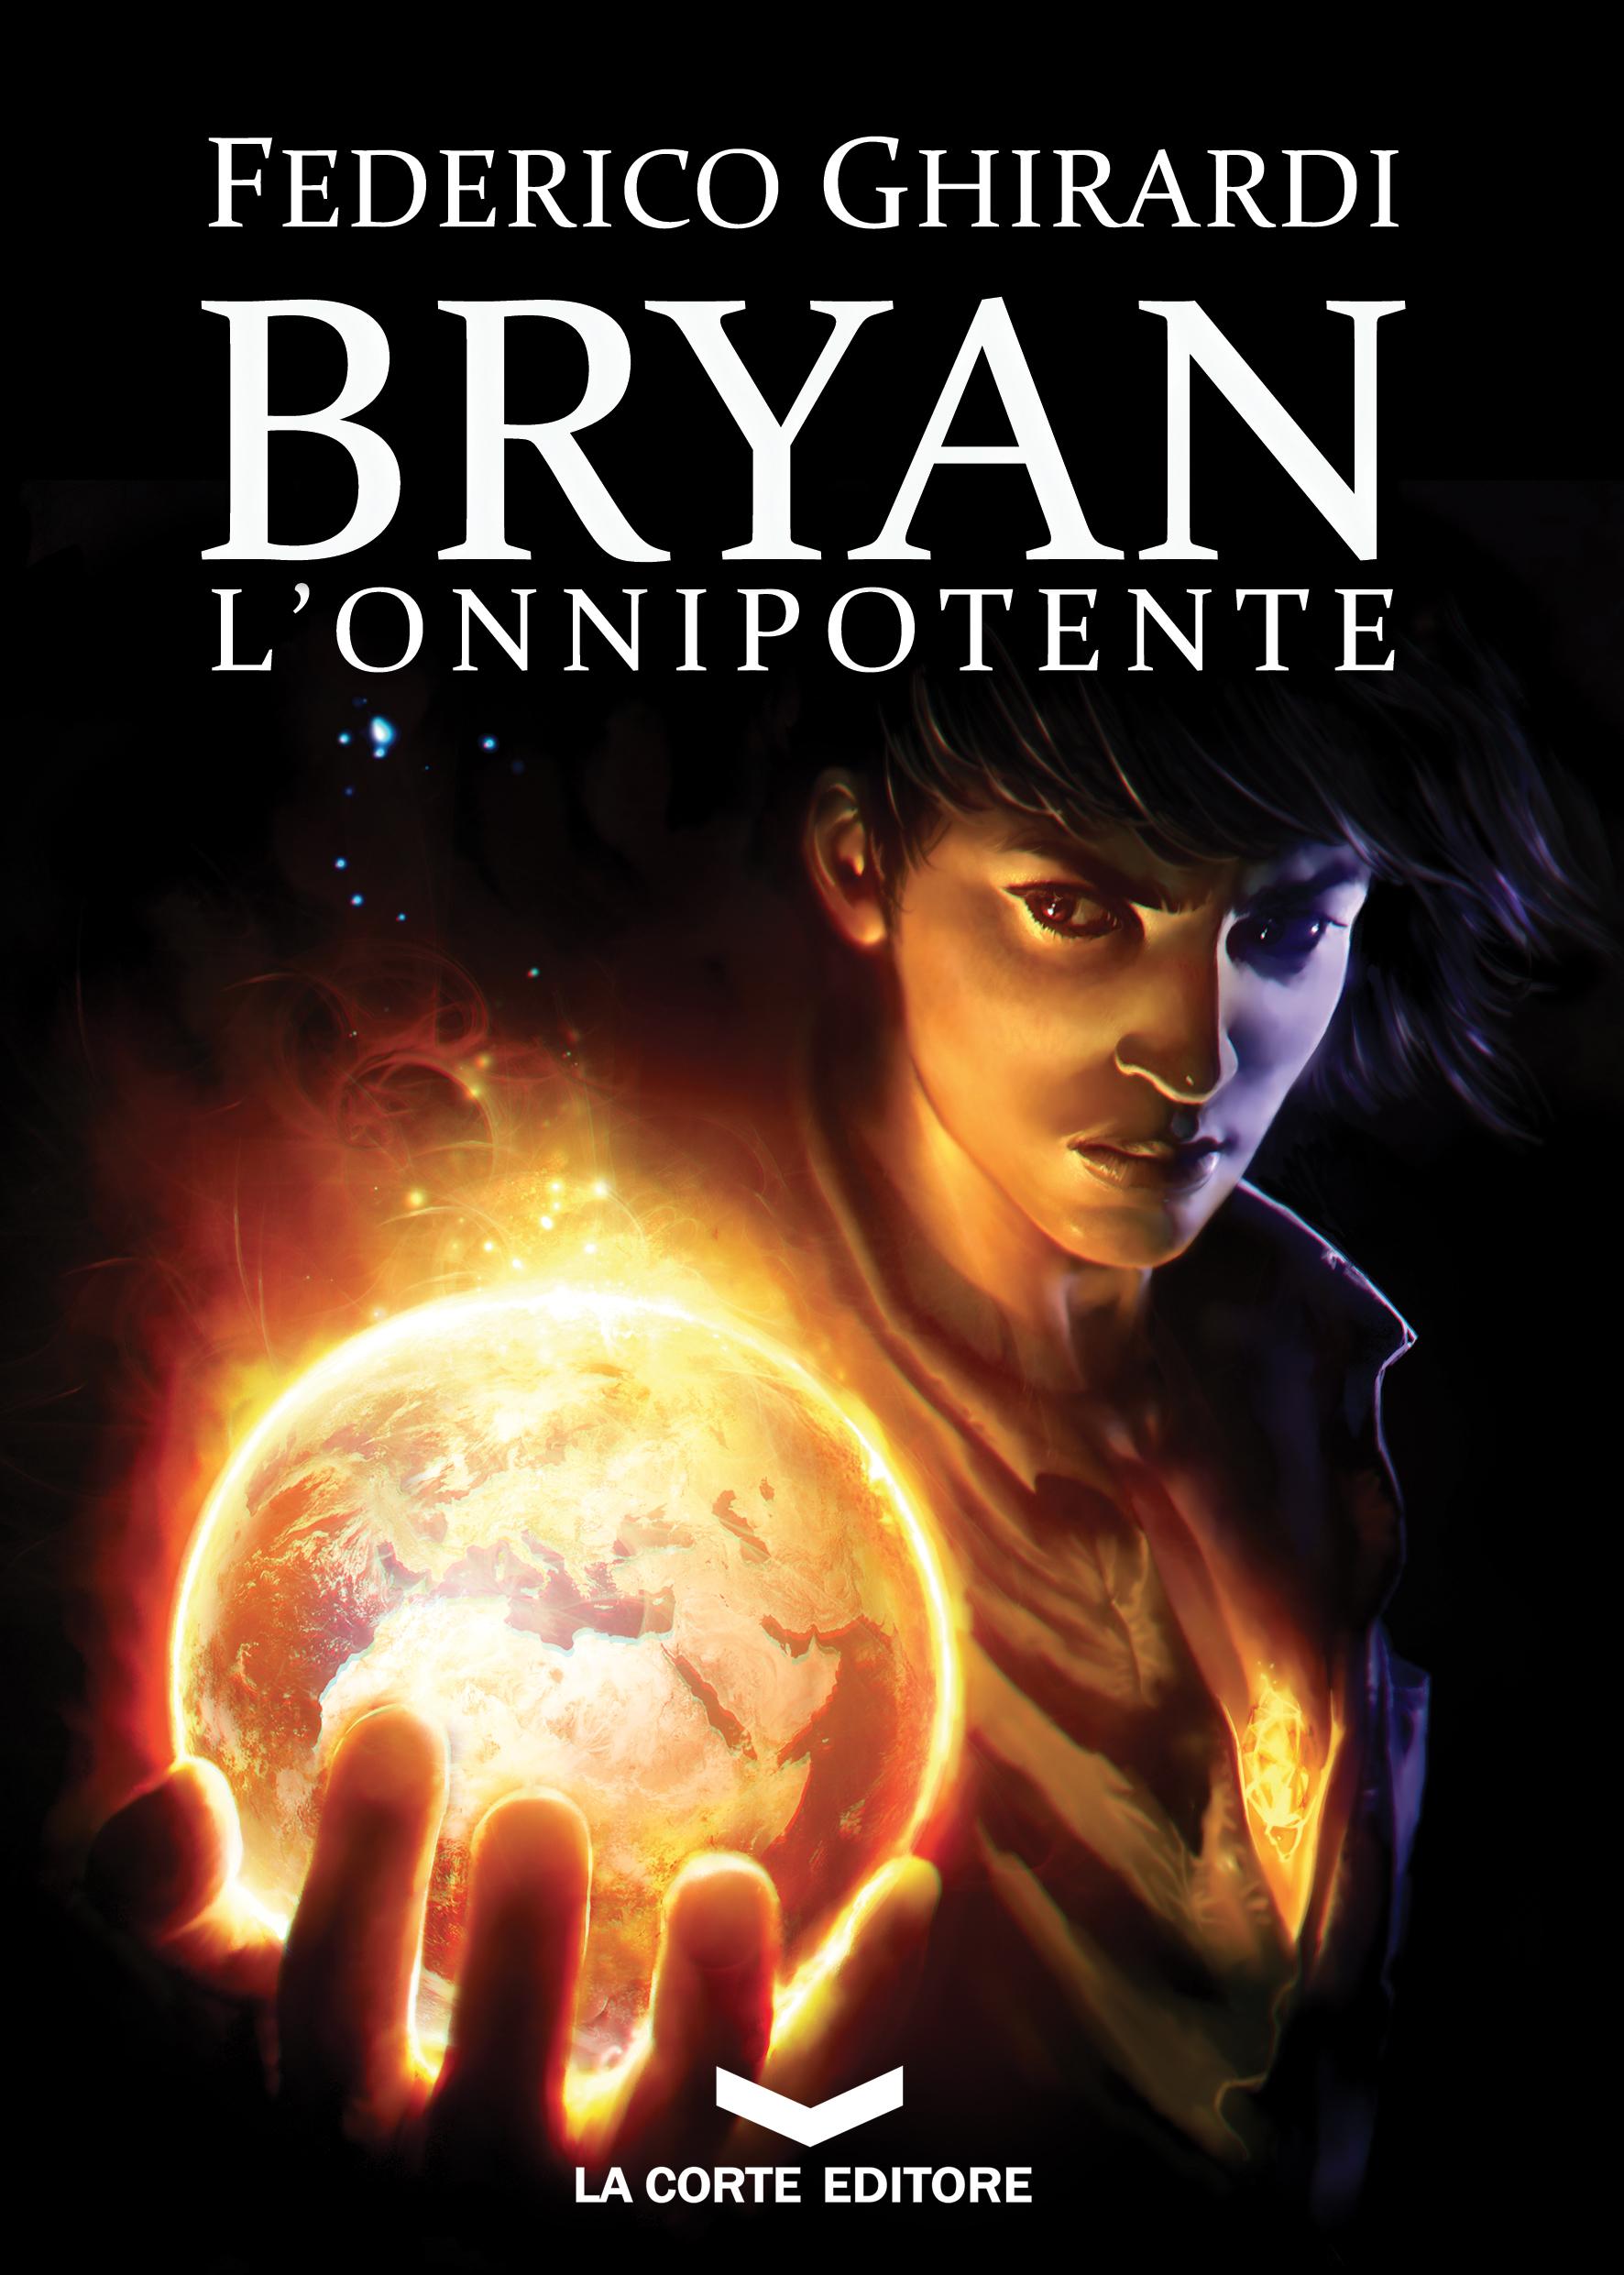 Bryan l'onnipotente